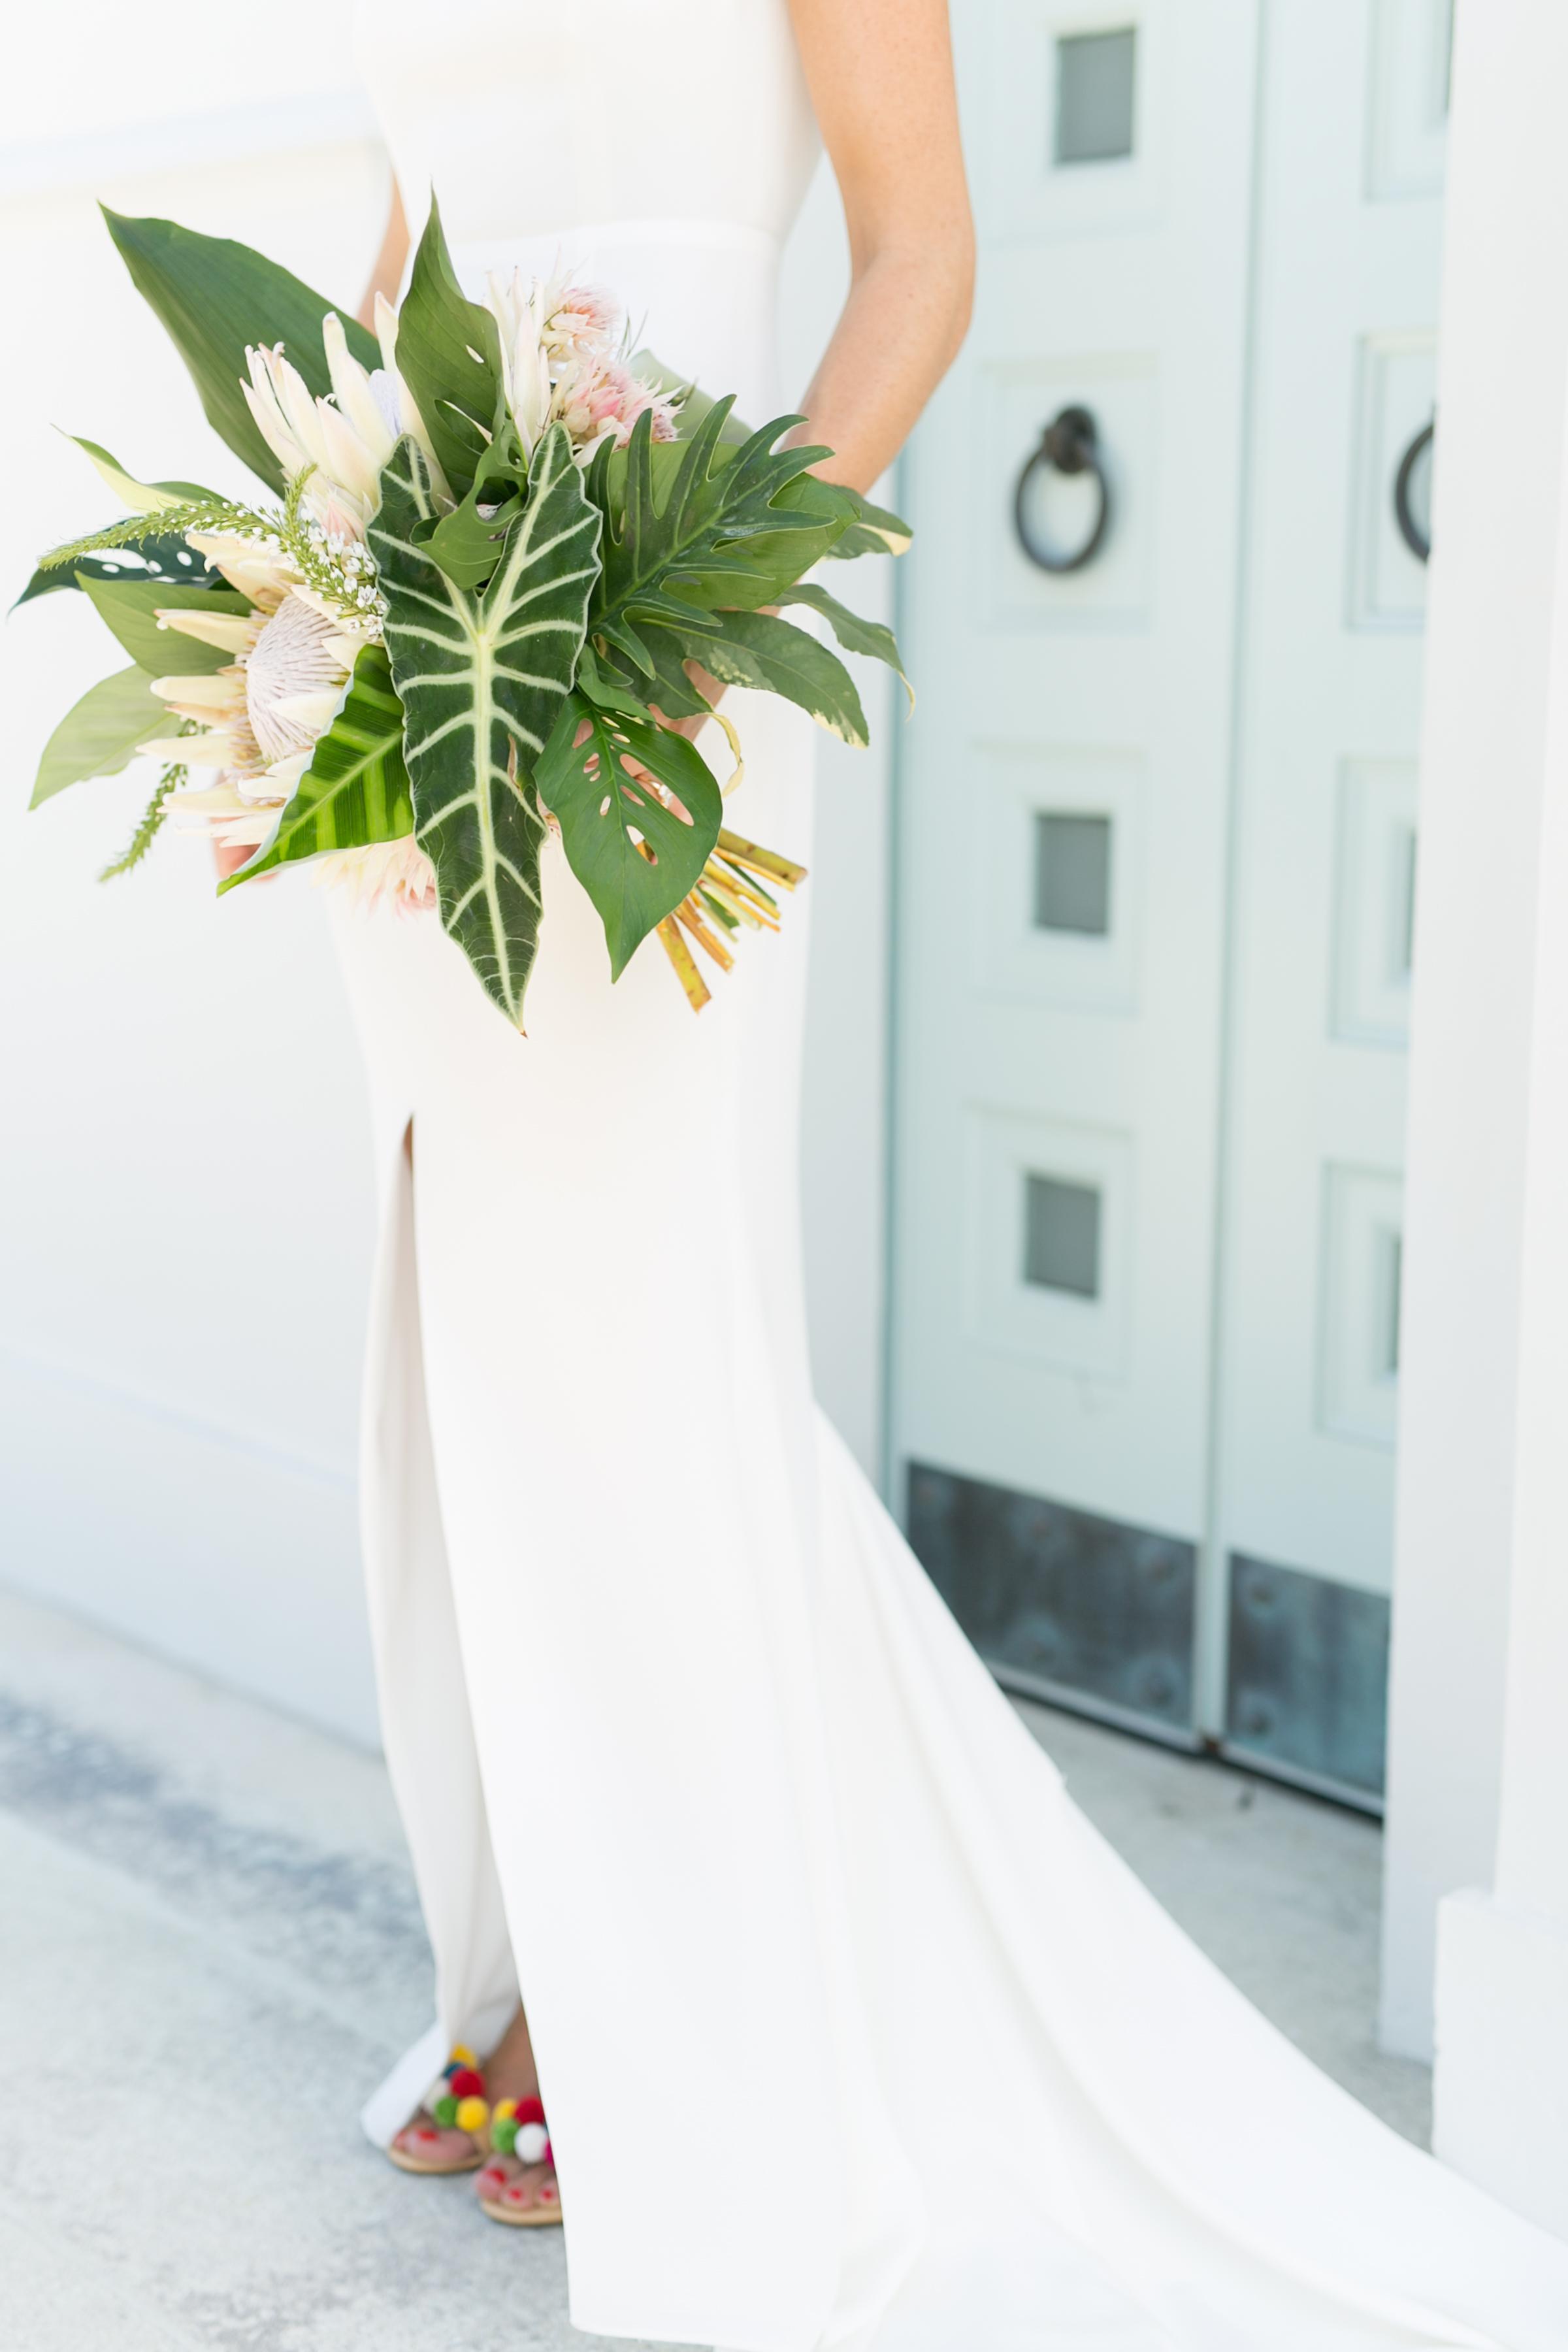 King Protea Arrangement tropical leaf bouquet